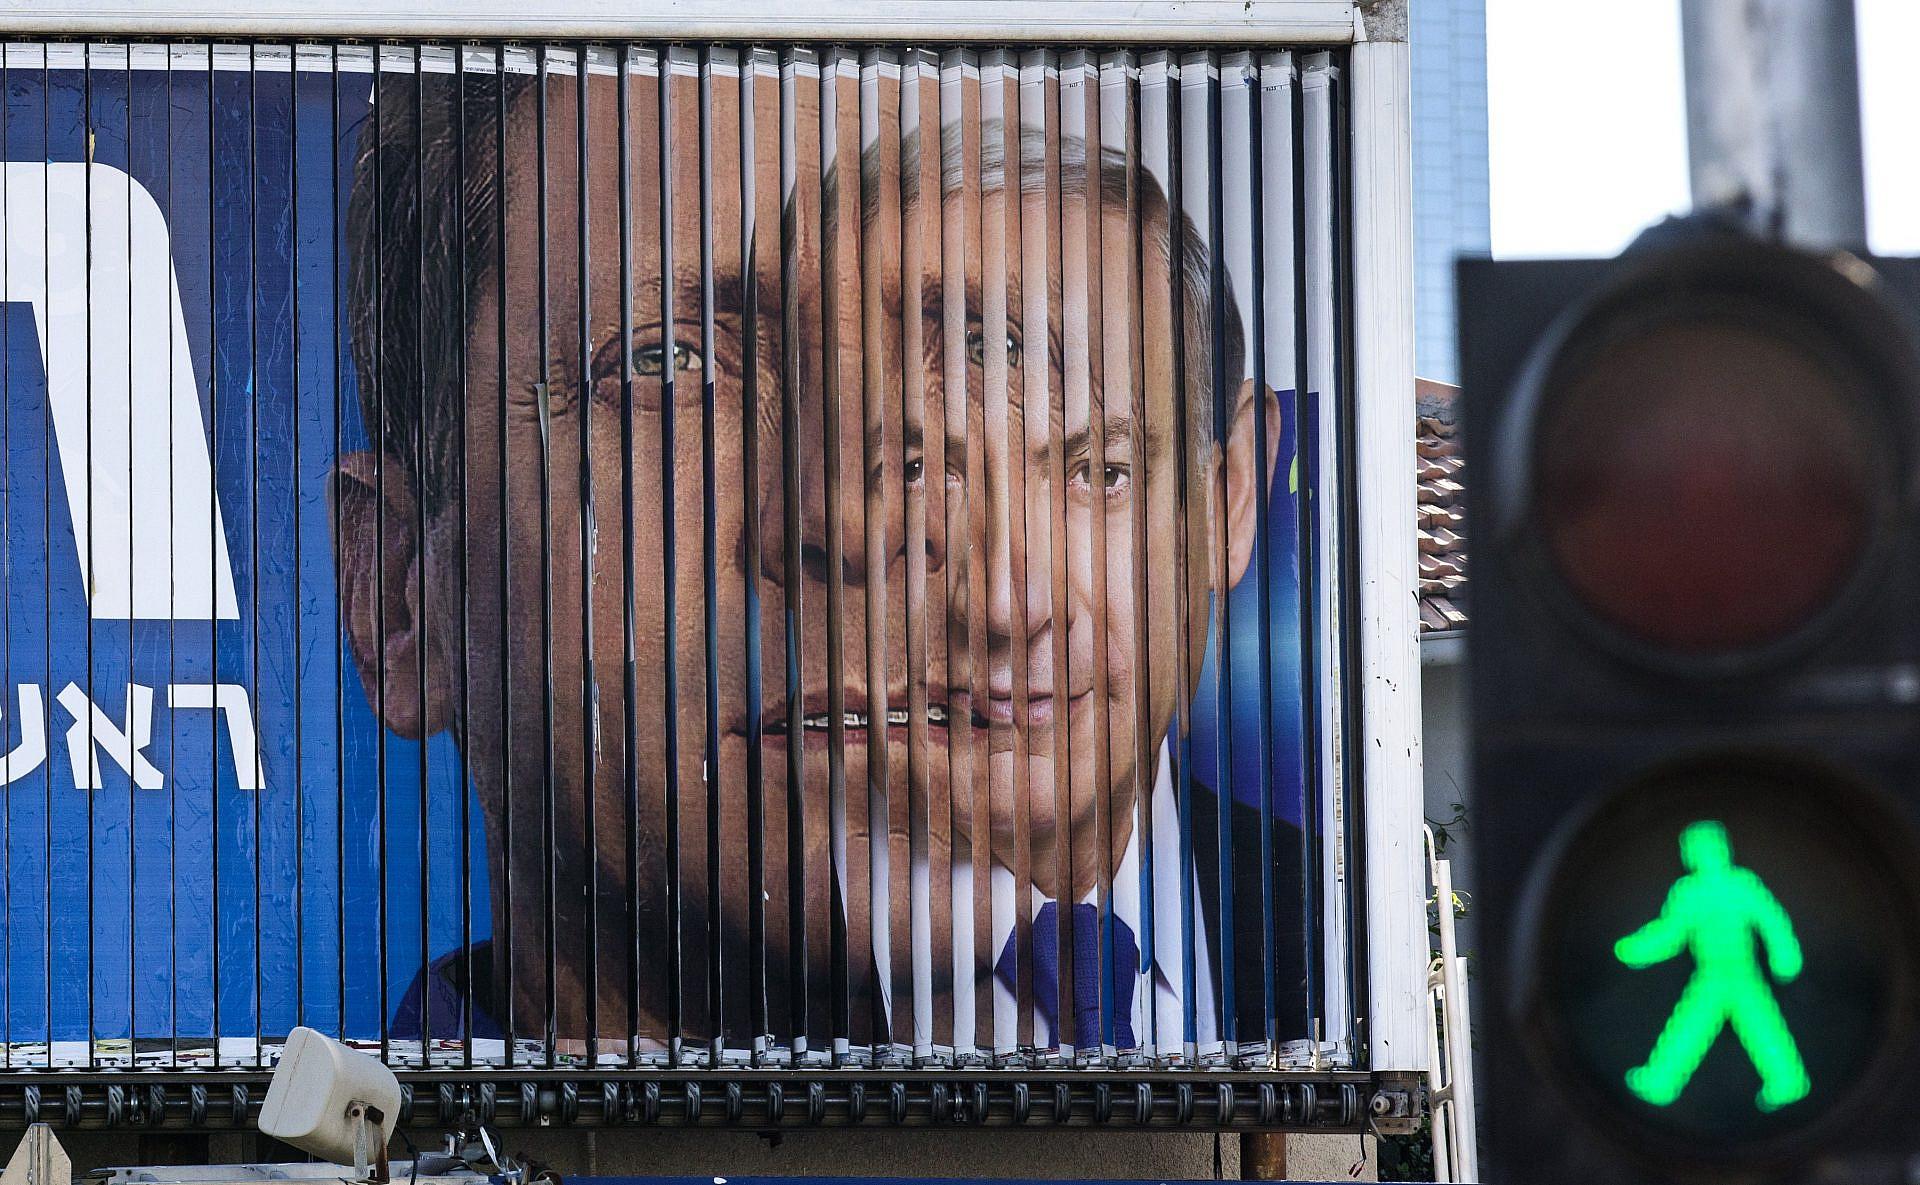 התקשורת לא שואלת שאלות, ולמה שתשאל. נתניהו והרצוג בבחירות 2015 (צילום: ג'ק גואז\גטי אימג'ס)